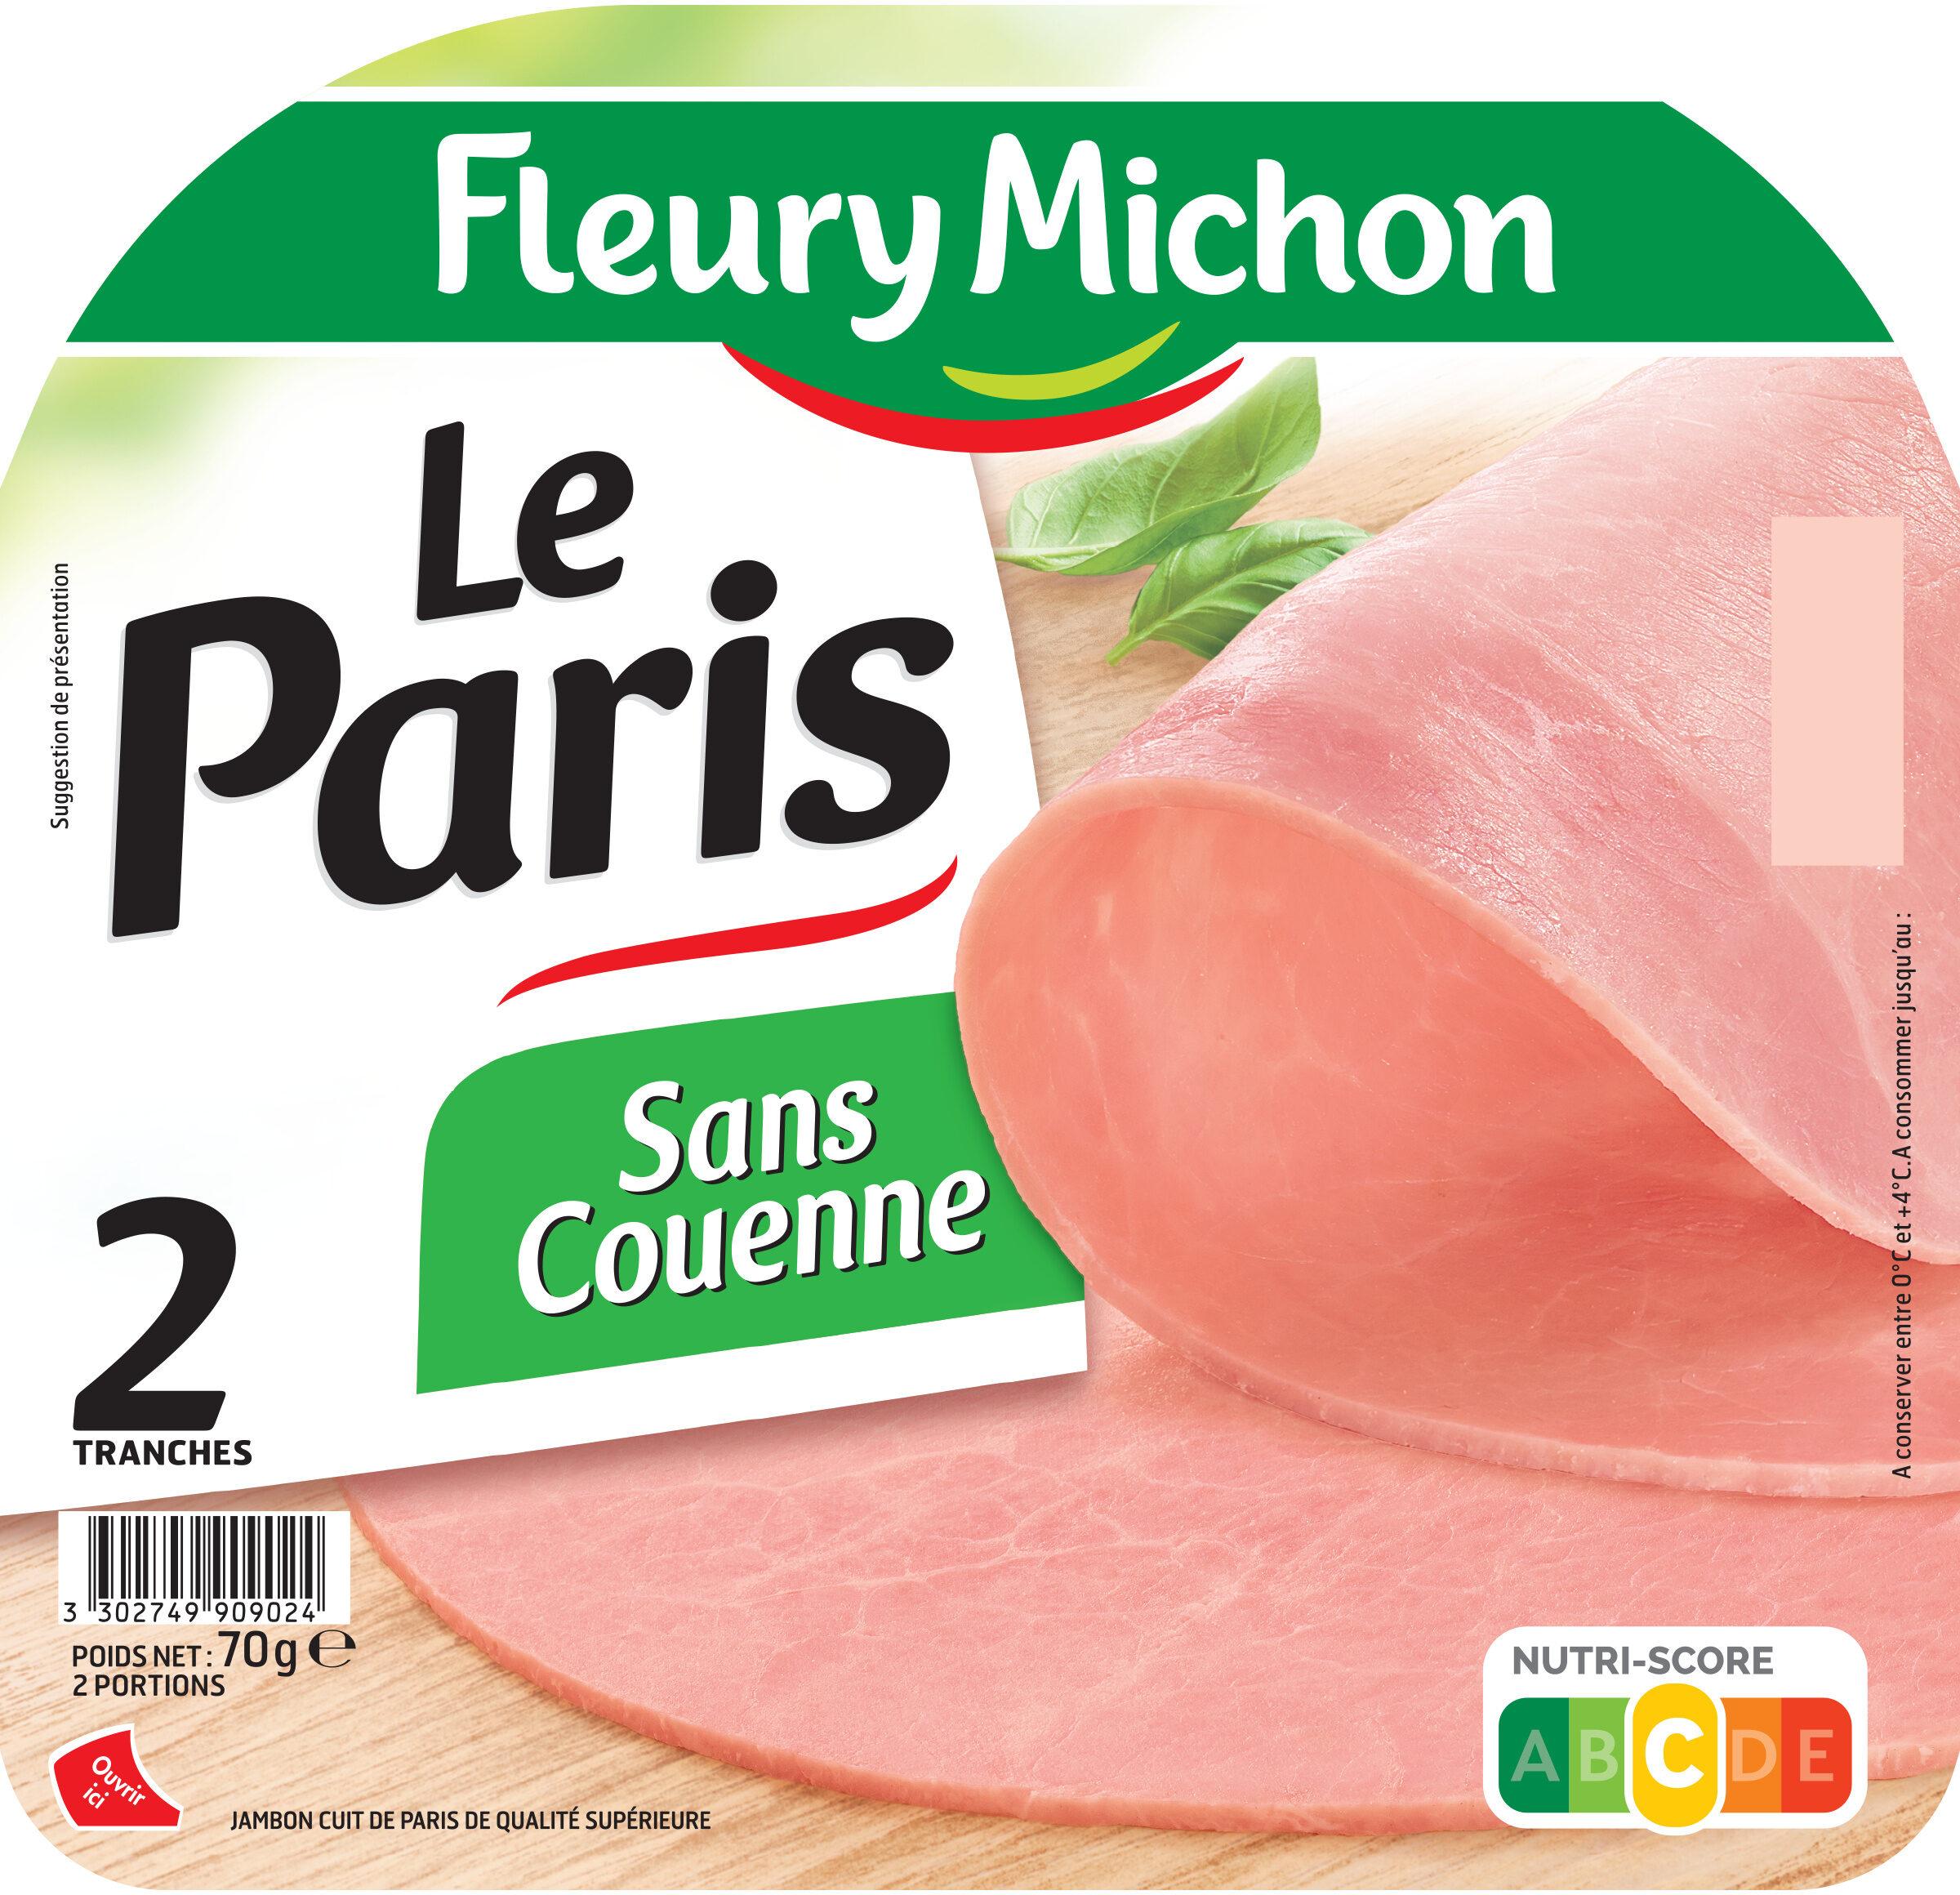 Le Paris sans couenne - 2tr - Produit - fr